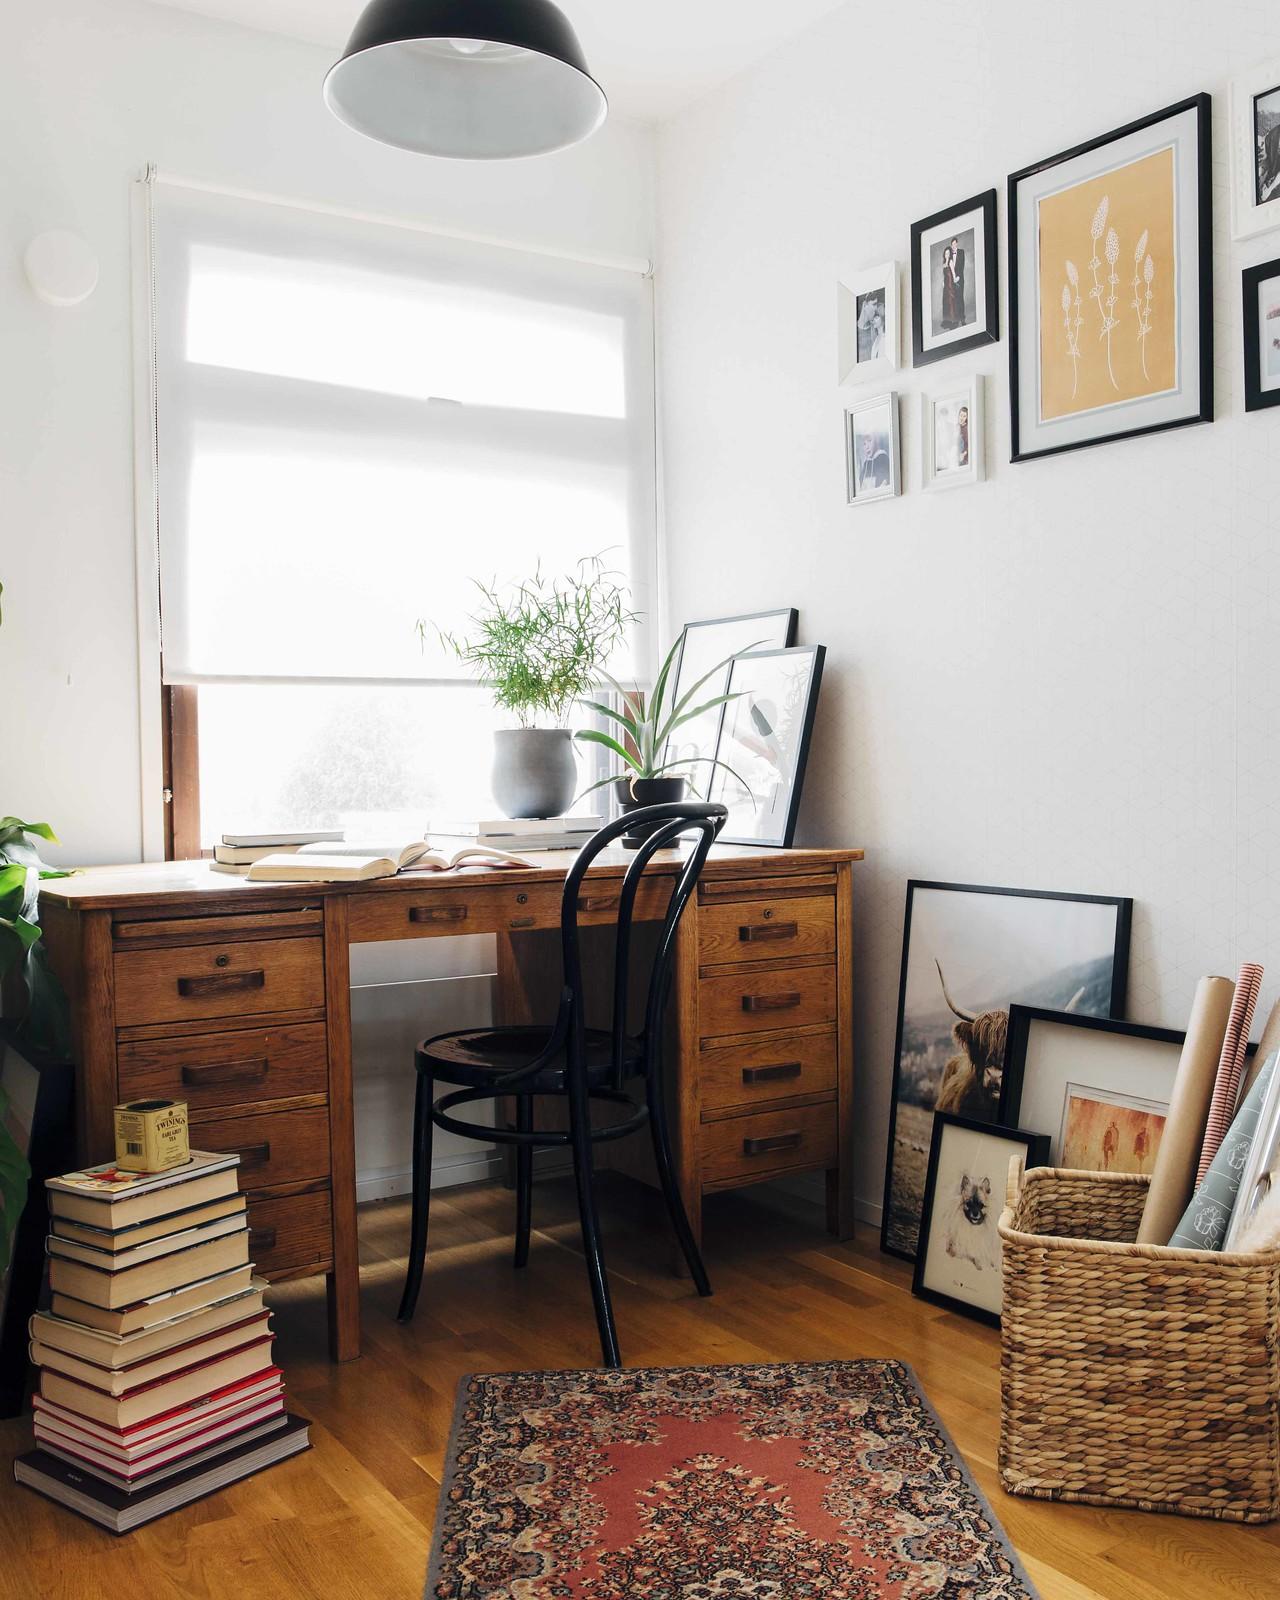 Työhuone, jossa on kirjava matto ja puinen työpöytä. Seinällä on taulukollaasi.